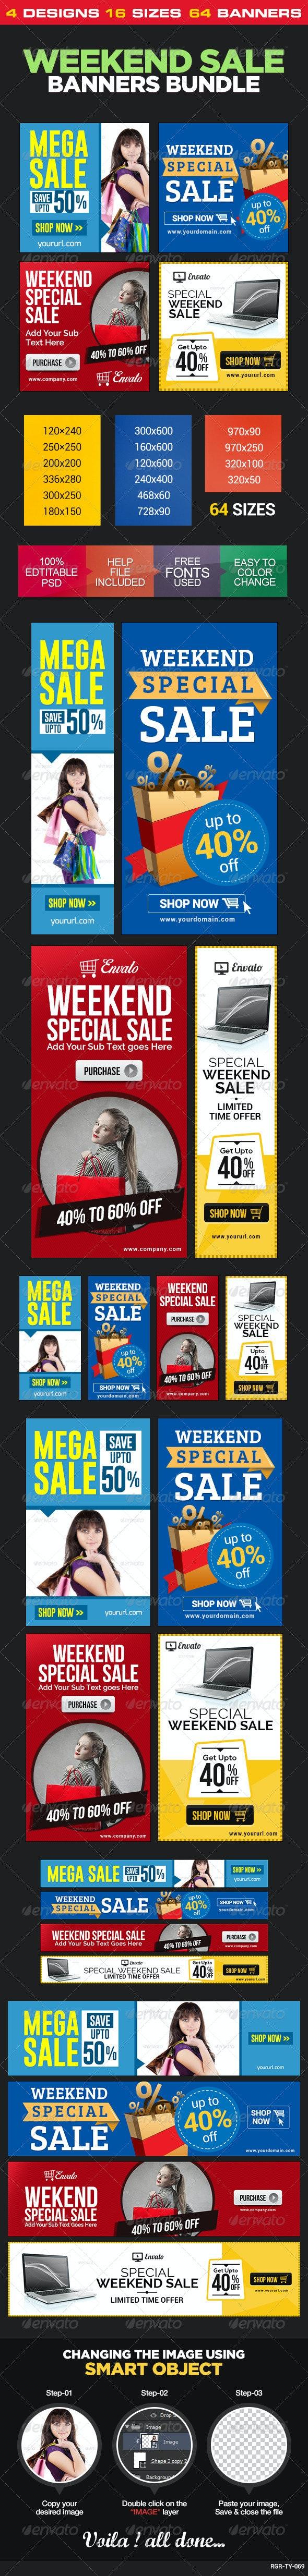 Weekend Sale Banner Bundle - 4 Sets